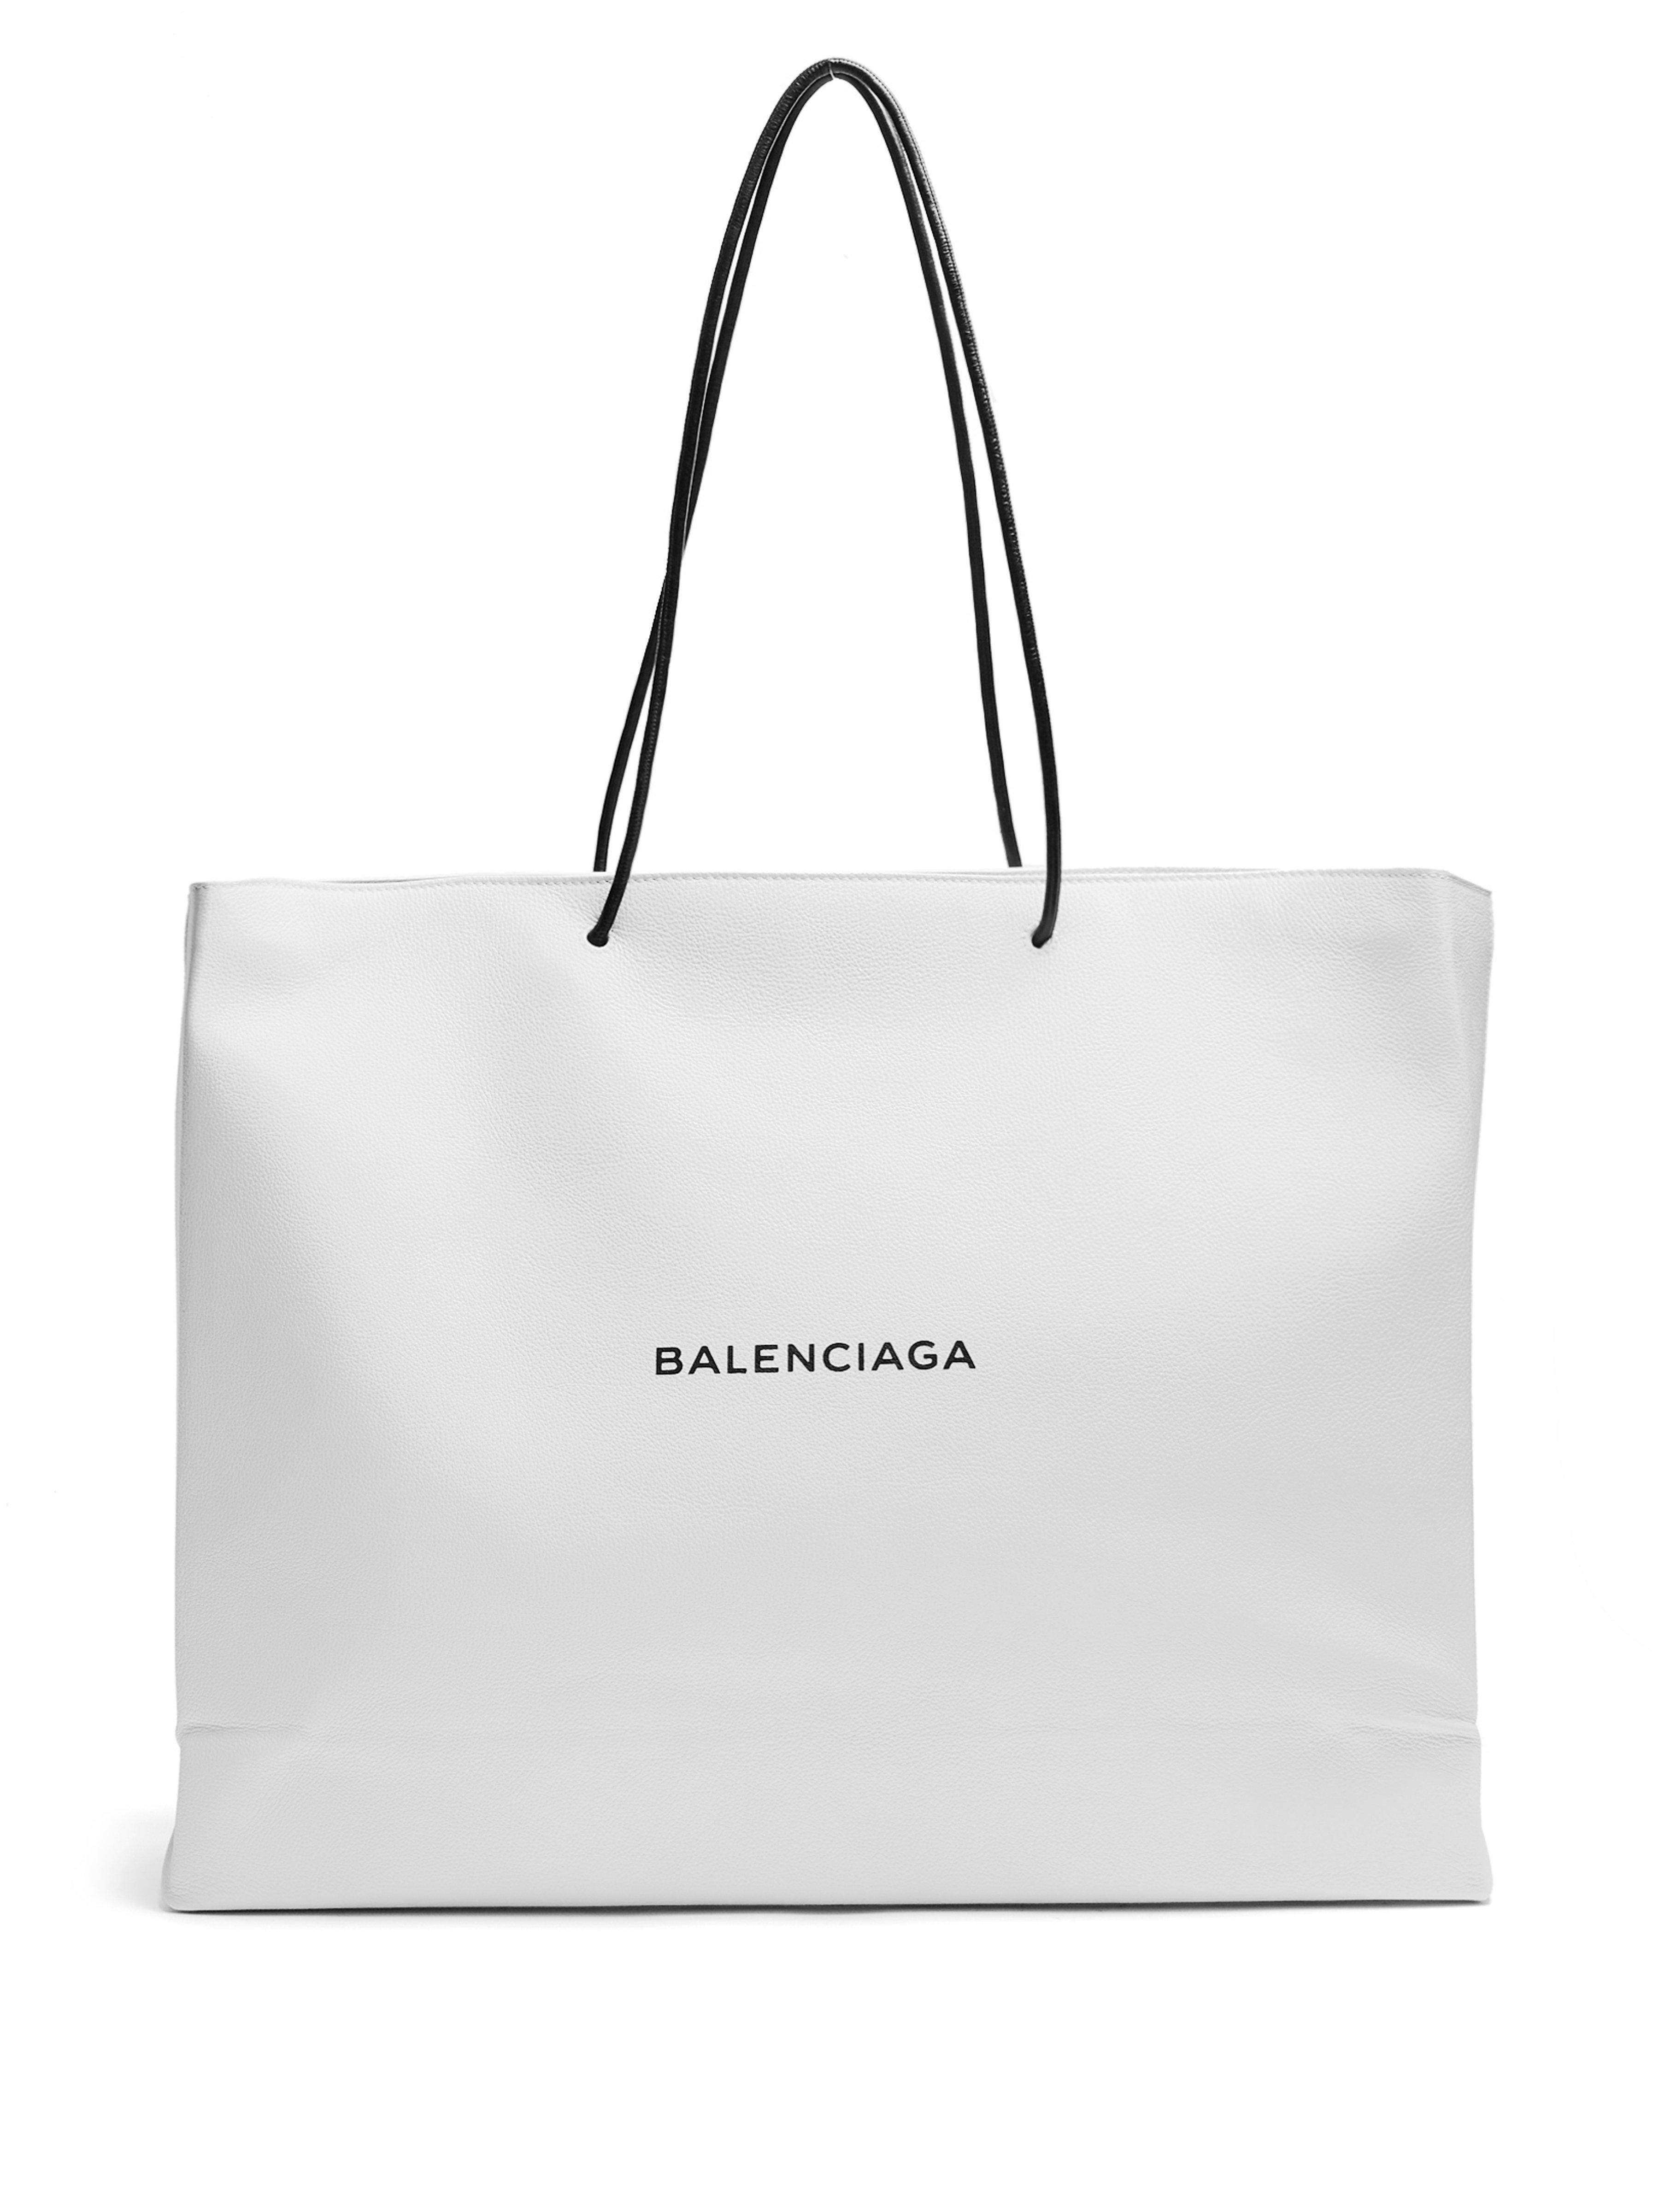 Balenciaga - White Shopping Tote East West L - Lyst. View fullscreen 5a732d2a6638a